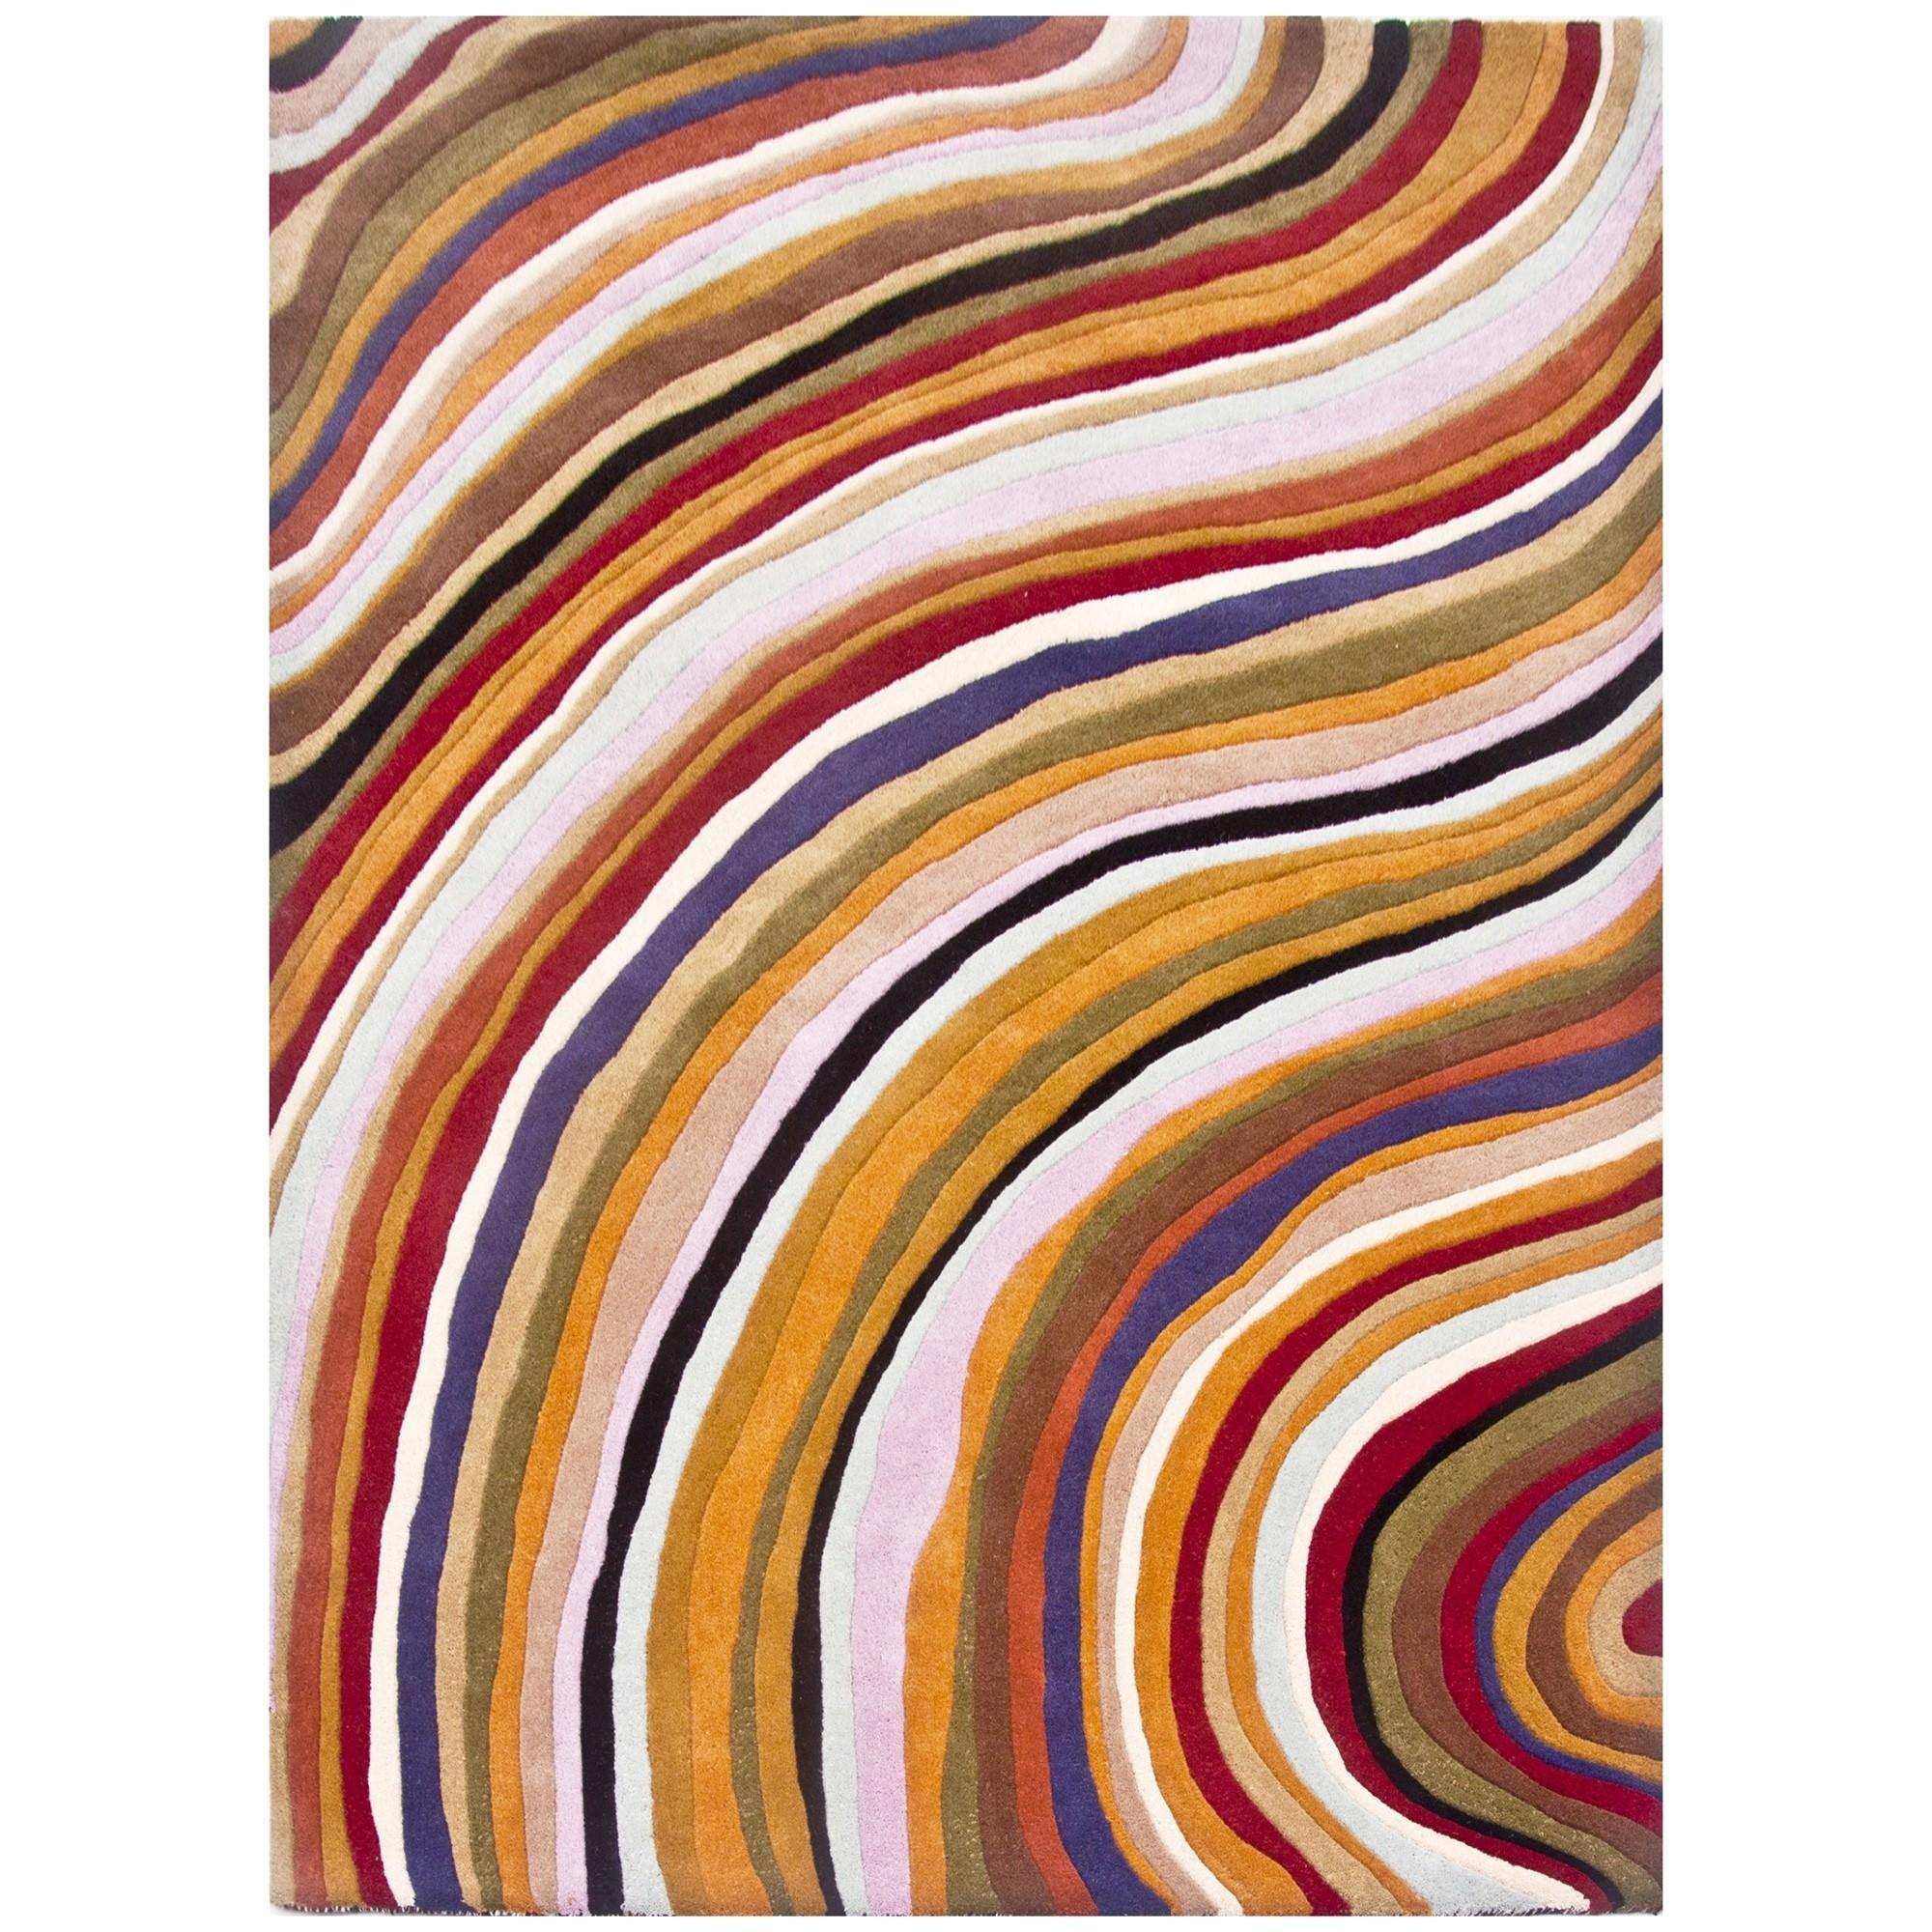 Floor Decor Handwoven Wool Rug, 280x190cm, Warm Tone